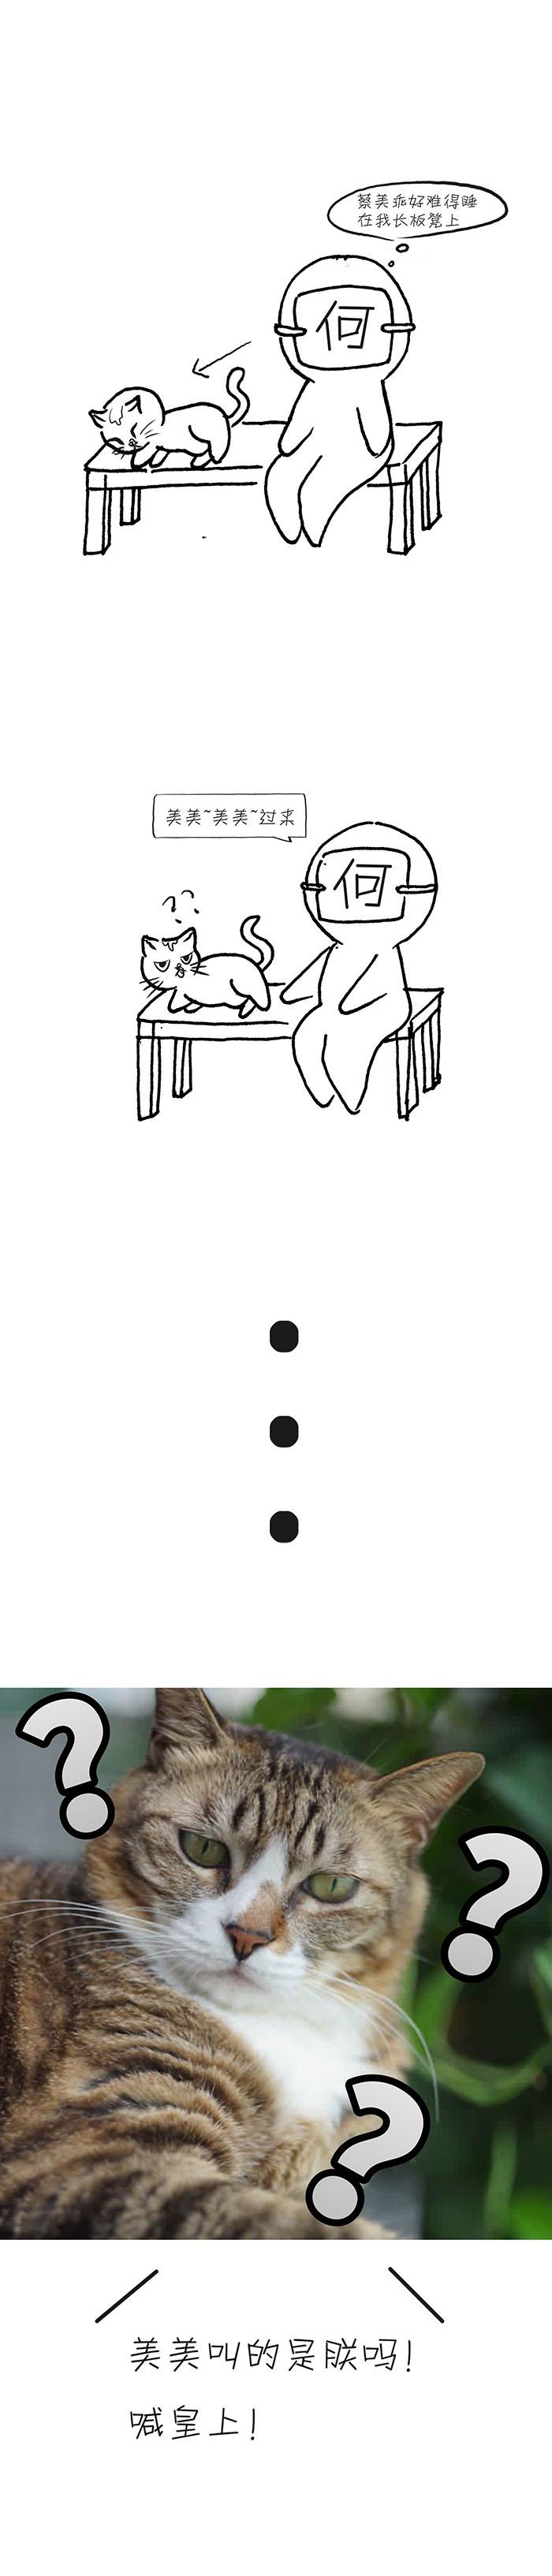 蔡美乖:朕胖吗!!!!